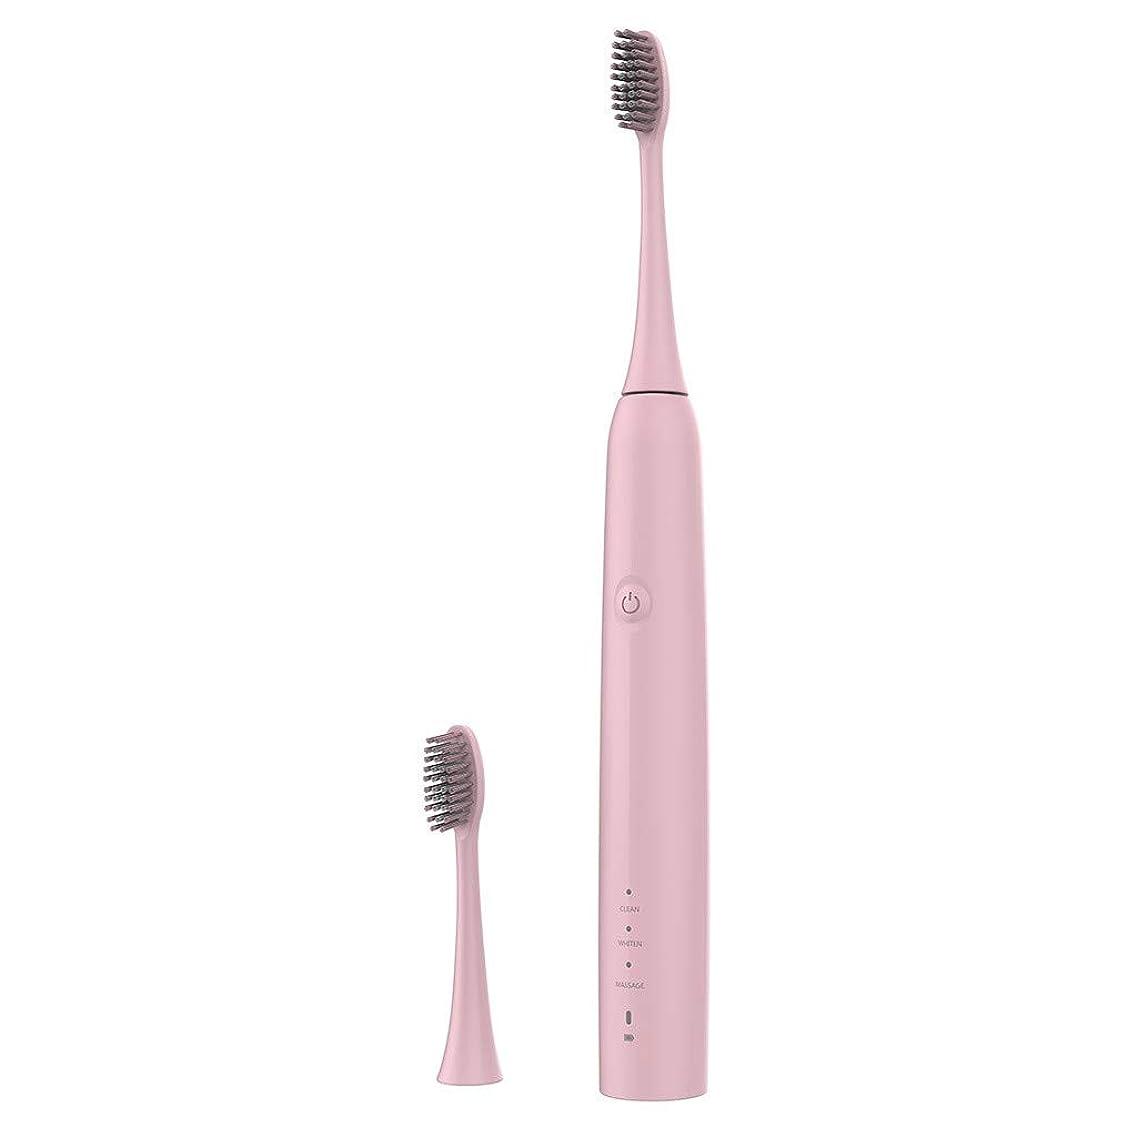 なるしっかりパイプラインLazayyii 新しいT2P電動歯ブラシ 携帯用 口腔衛生 電気マッサージ 口腔ケア (ピンク)